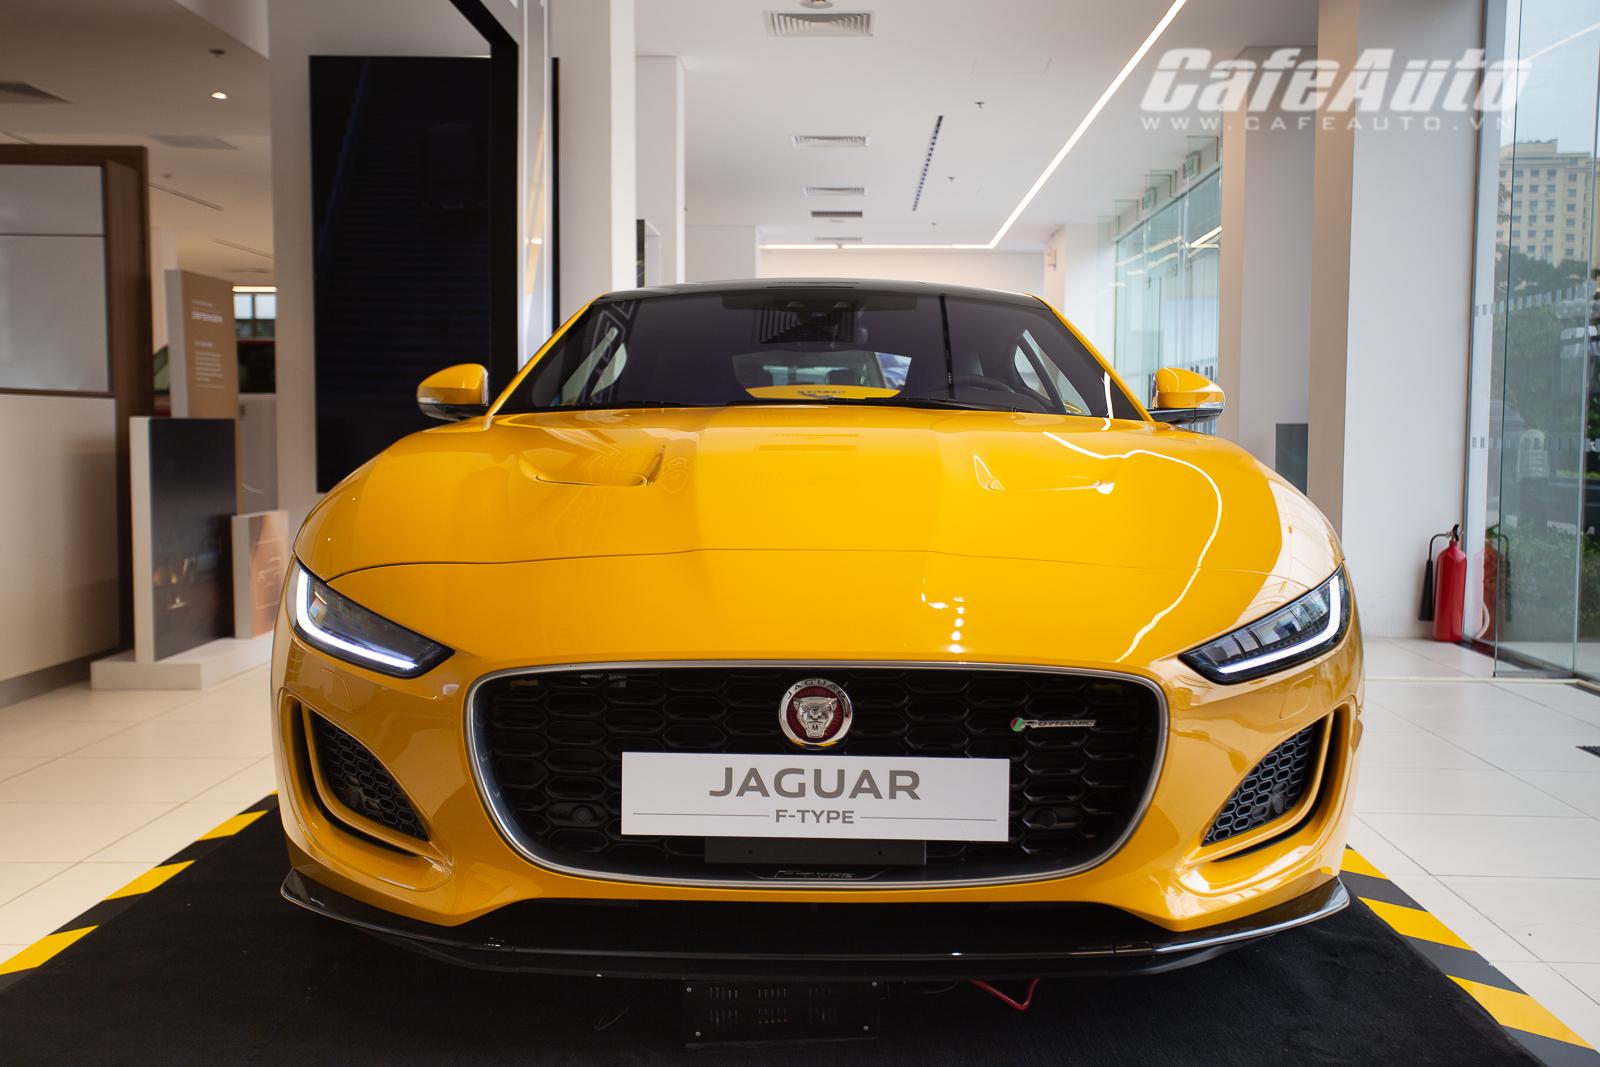 jaguarftype2021-cafeautovn-2